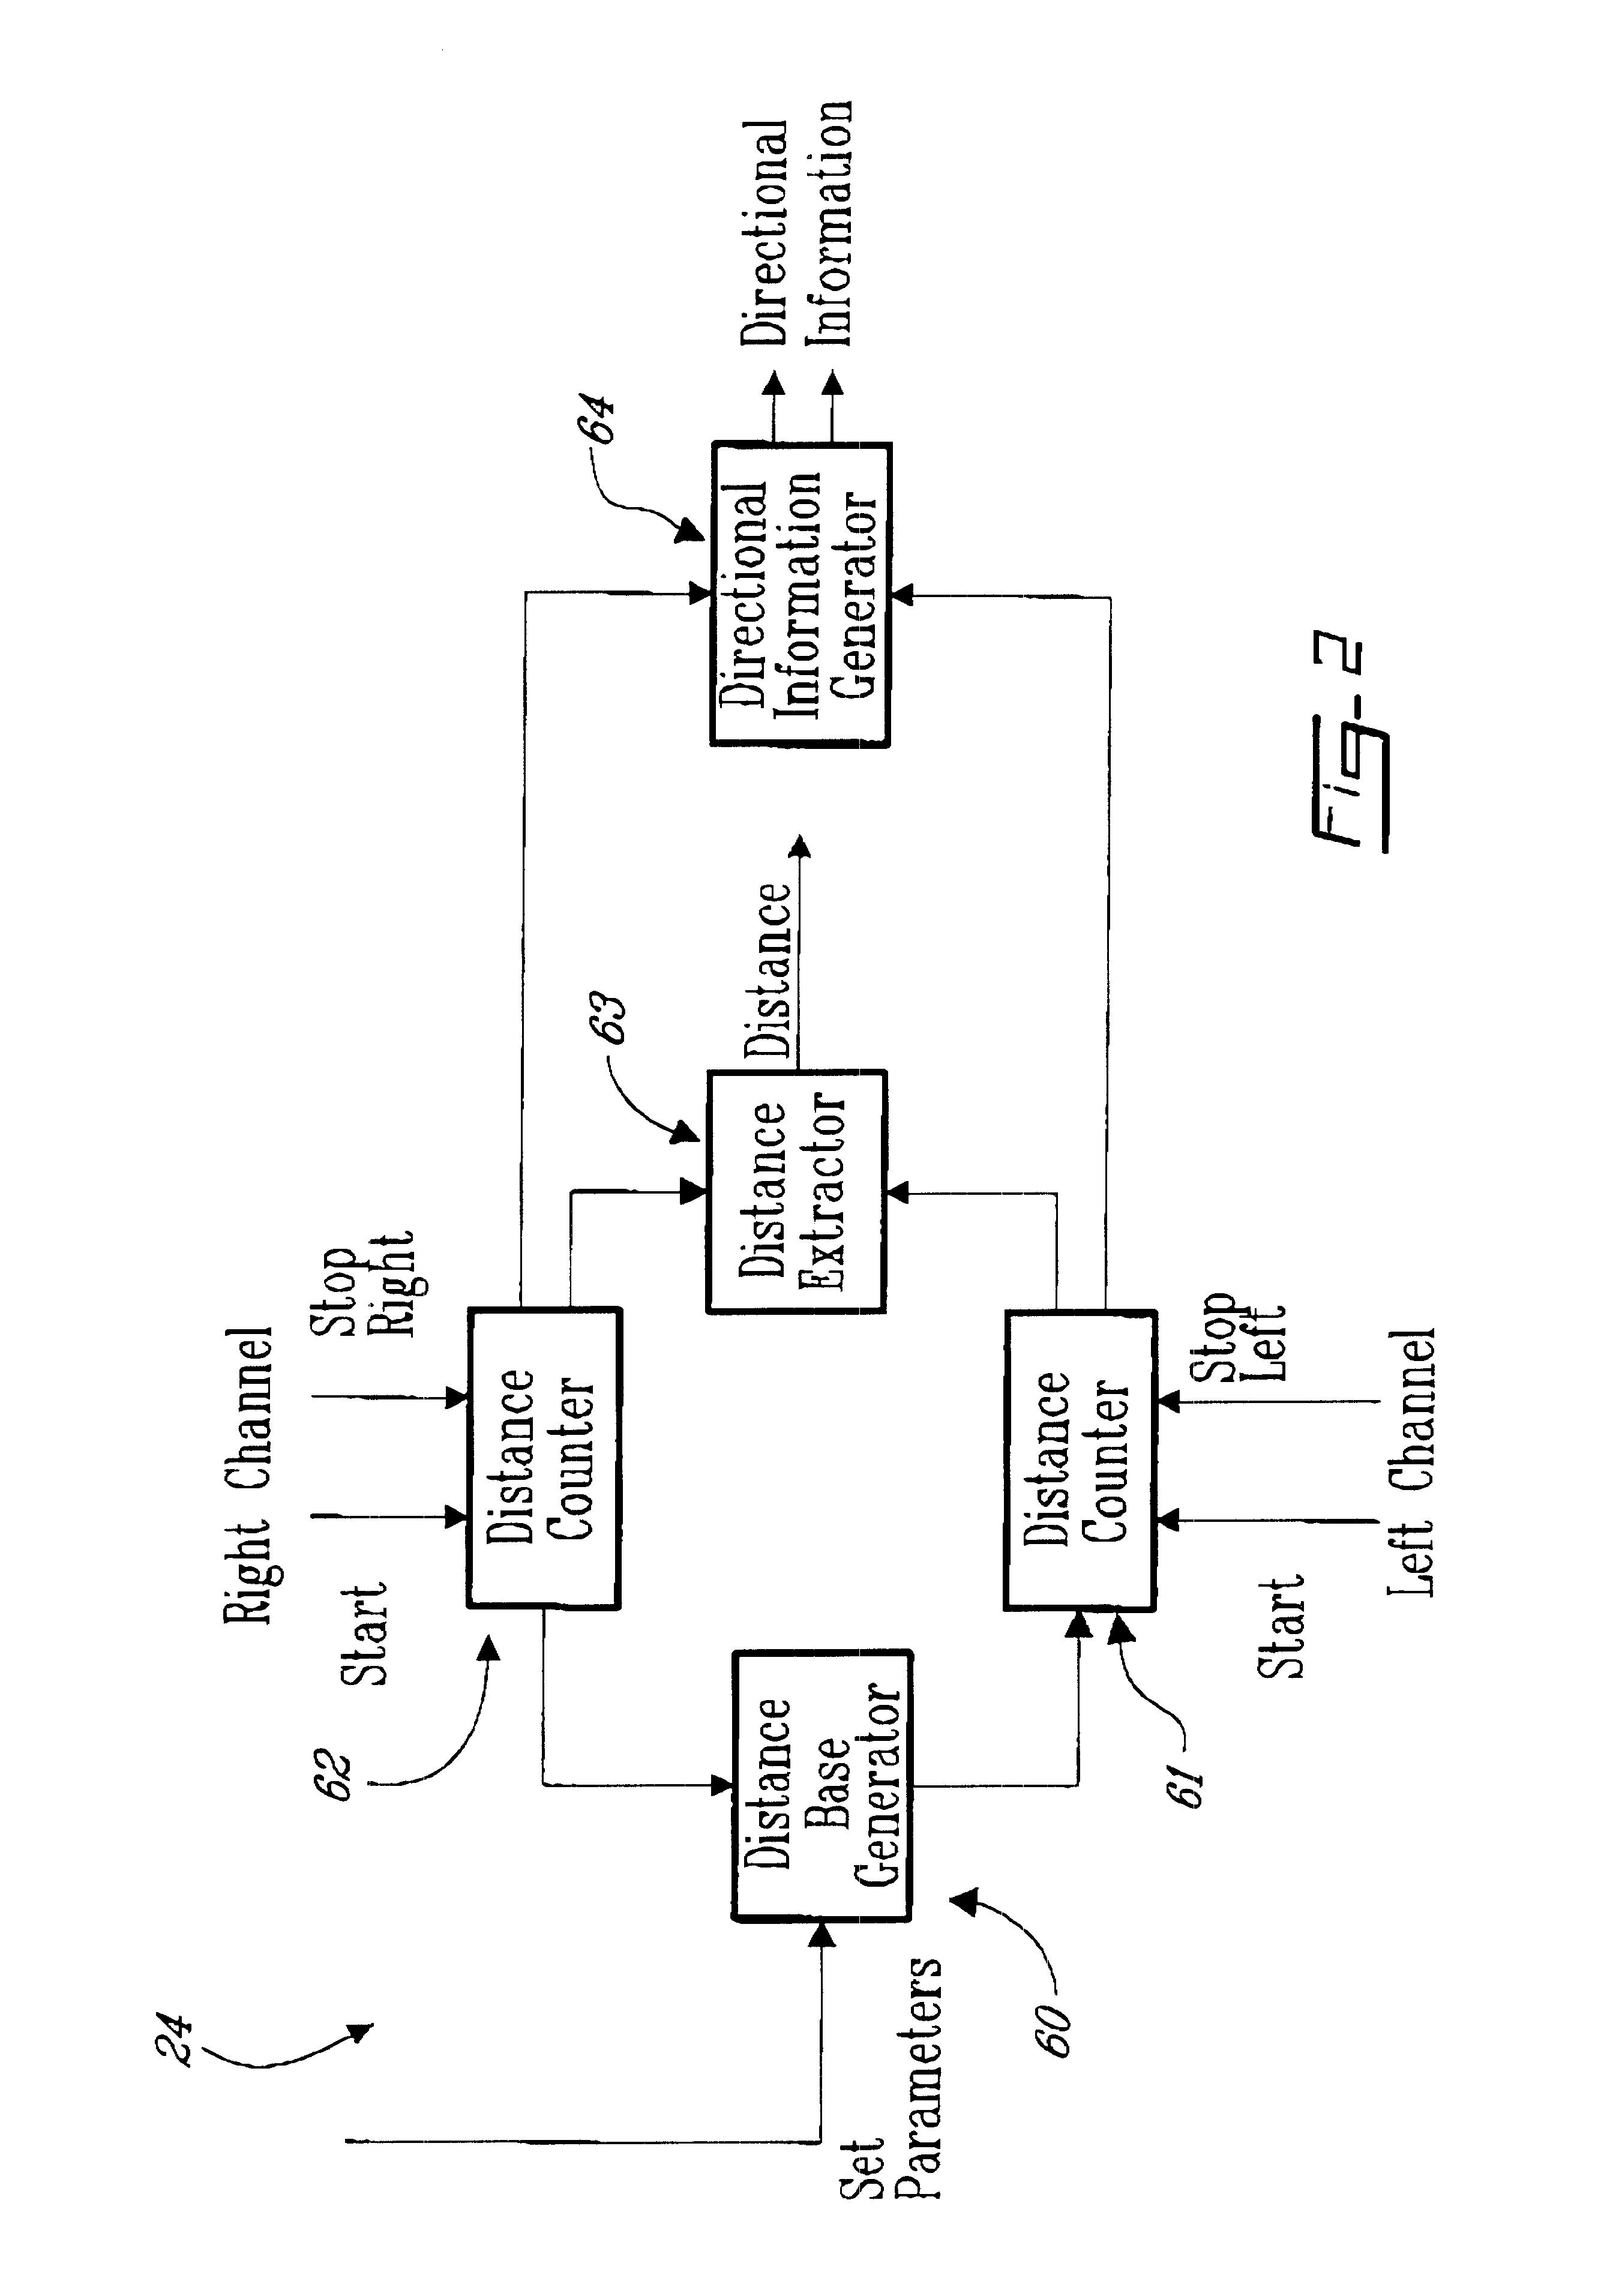 patent us6469956